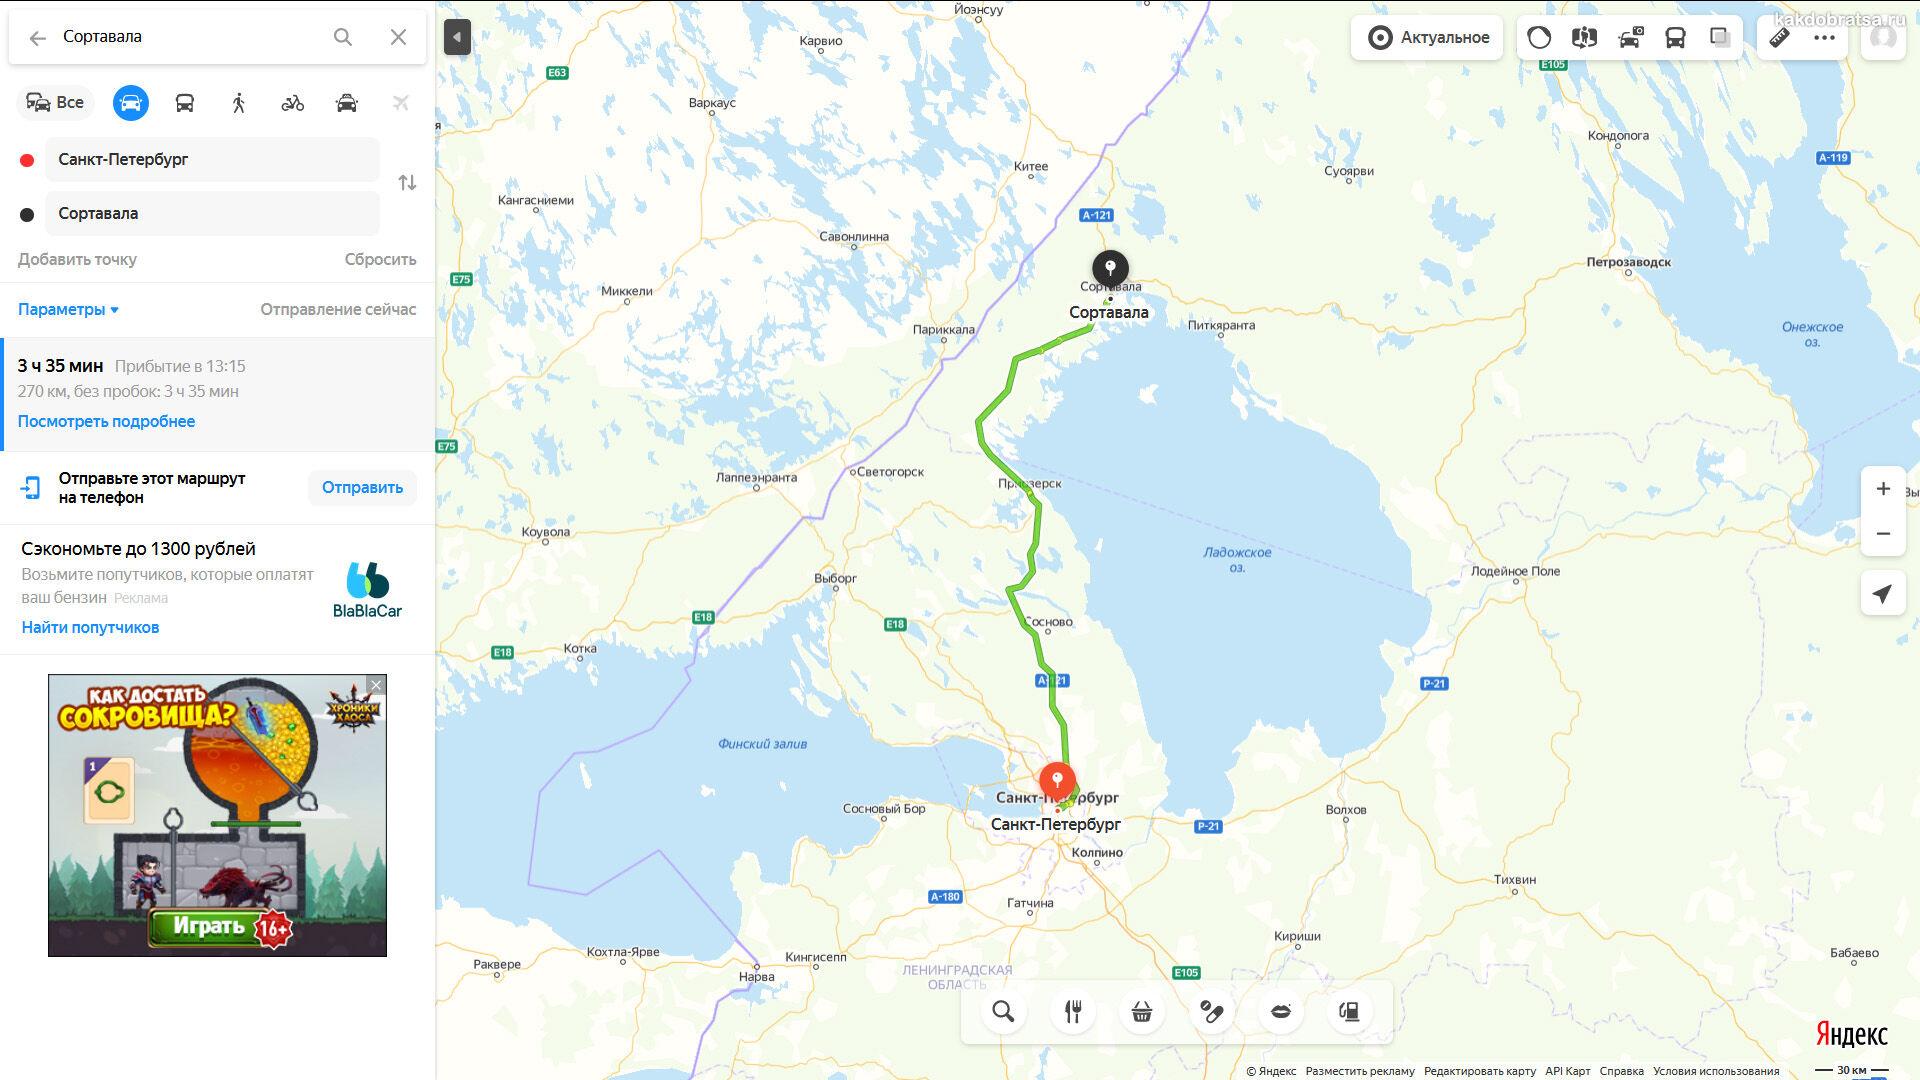 Санкт-Петербург Сортавала карта и время в пути